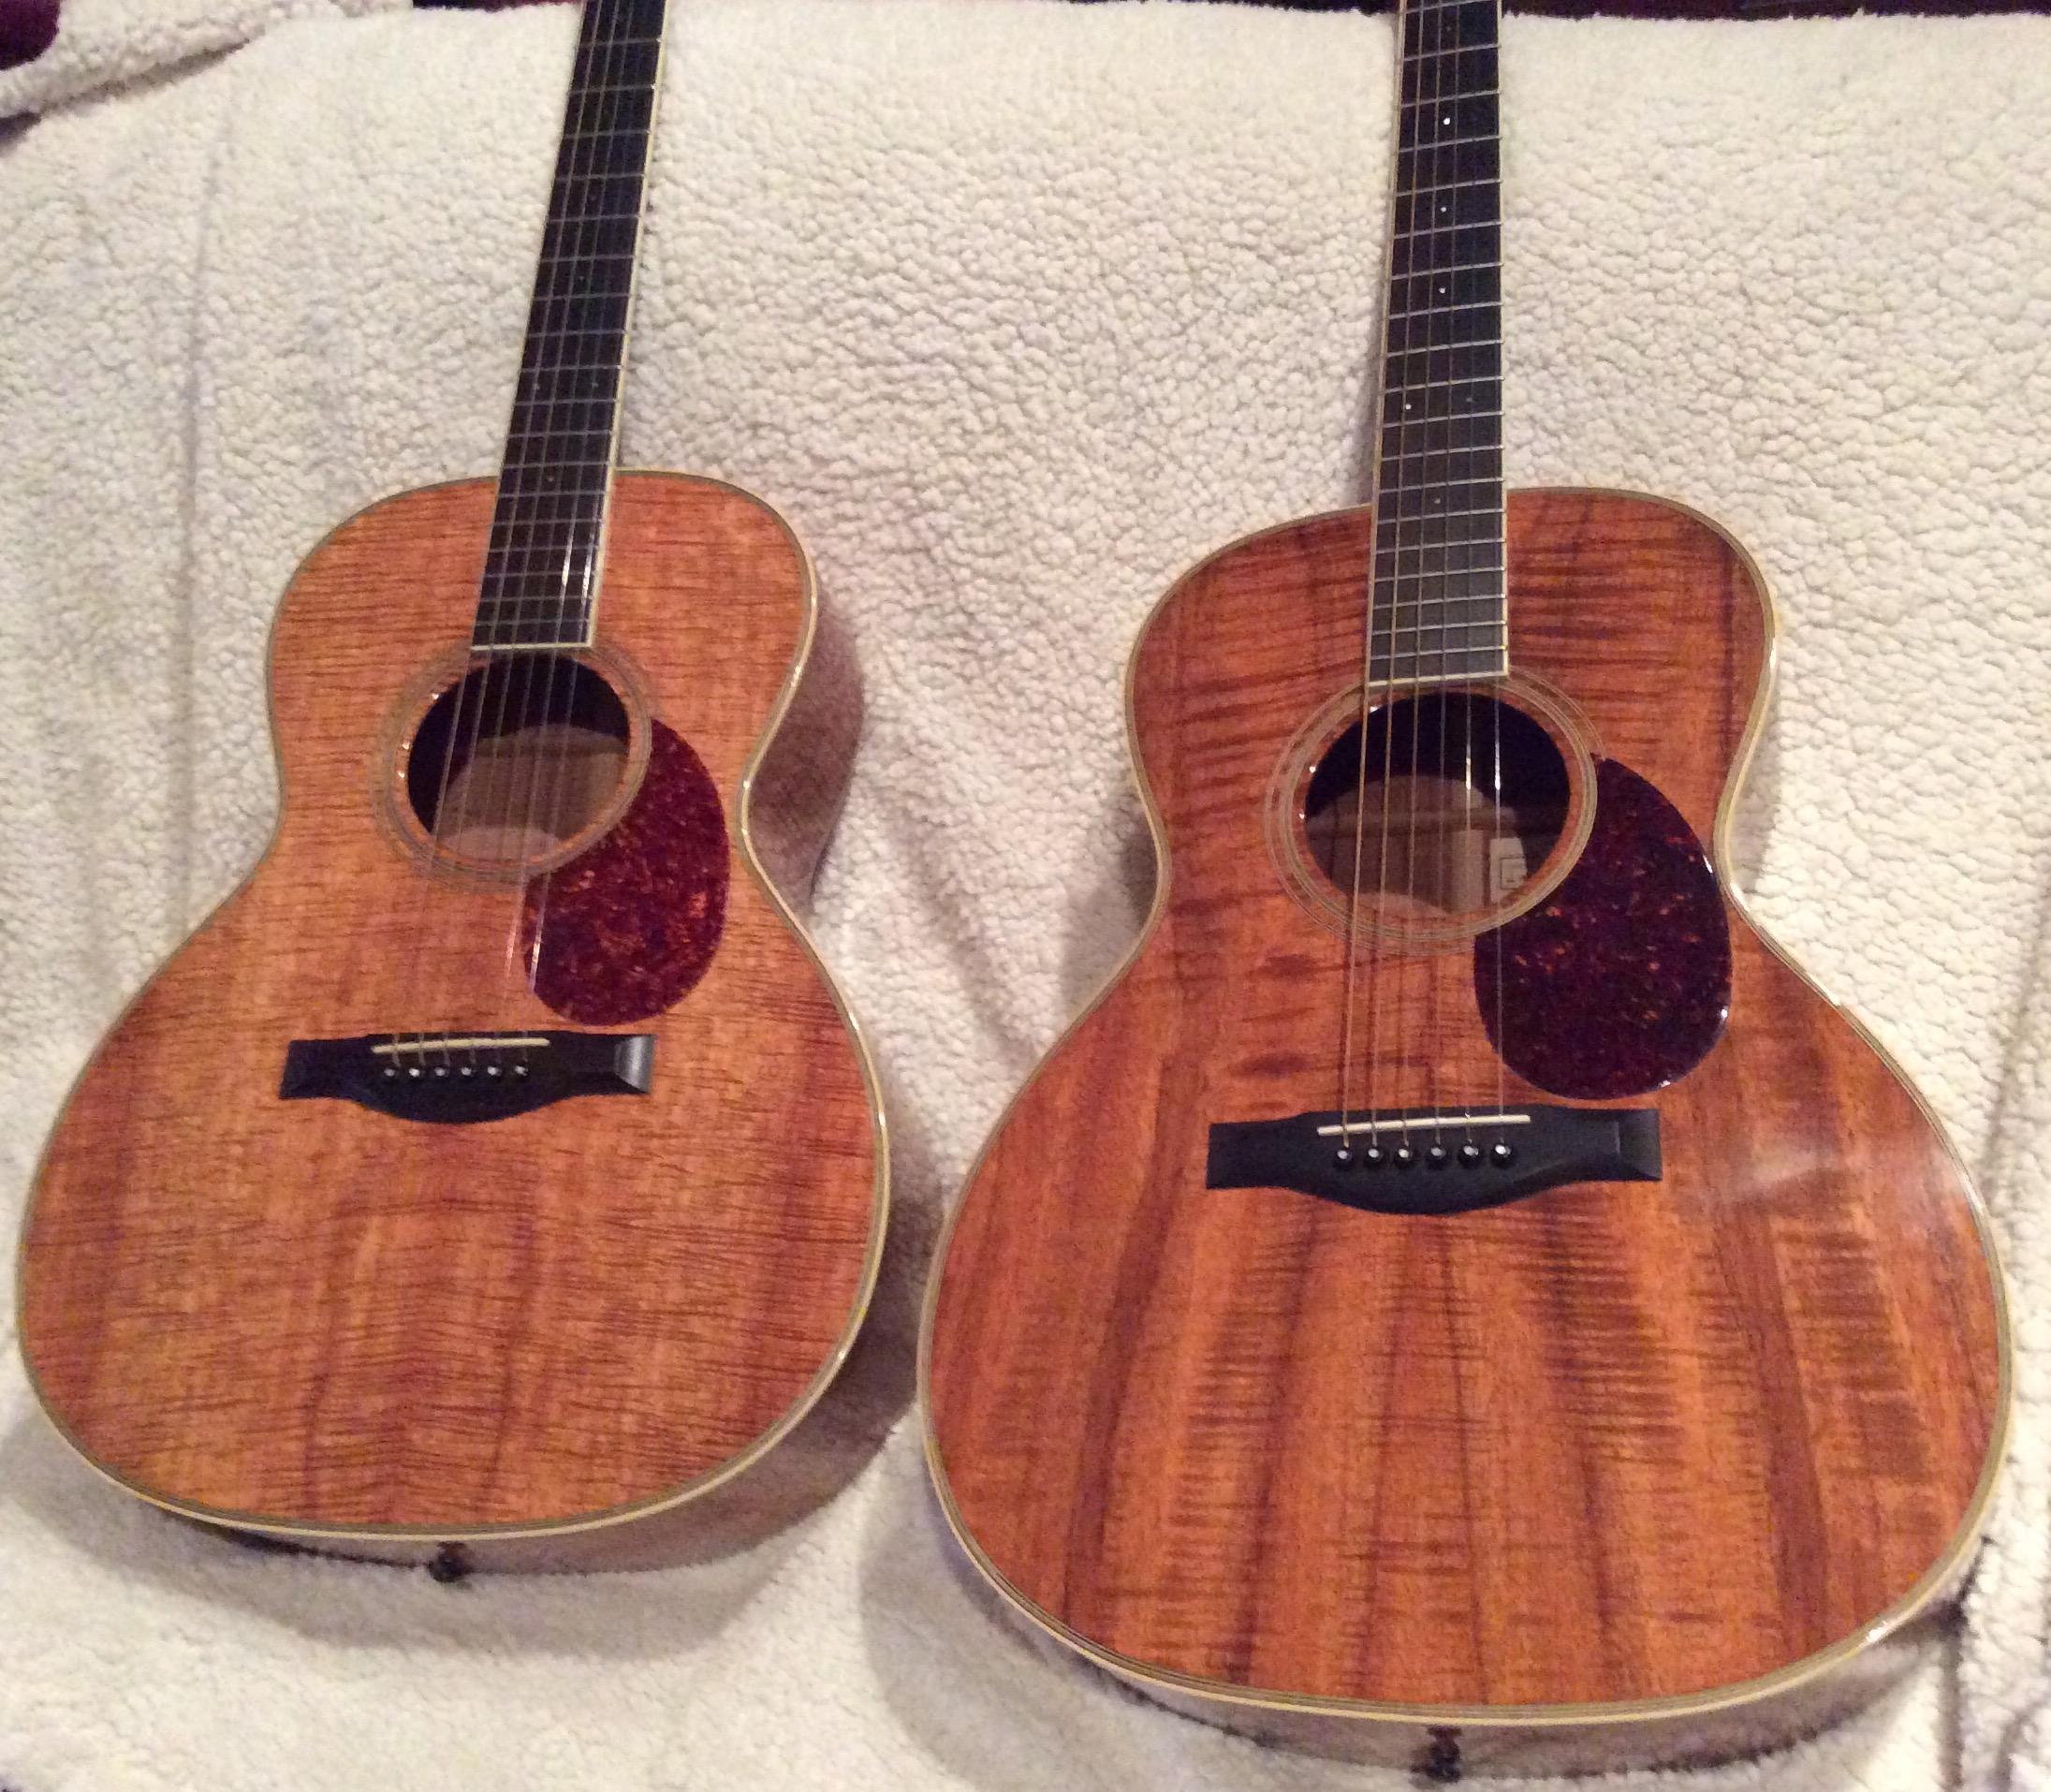 2 SCGC H guitars - all koa